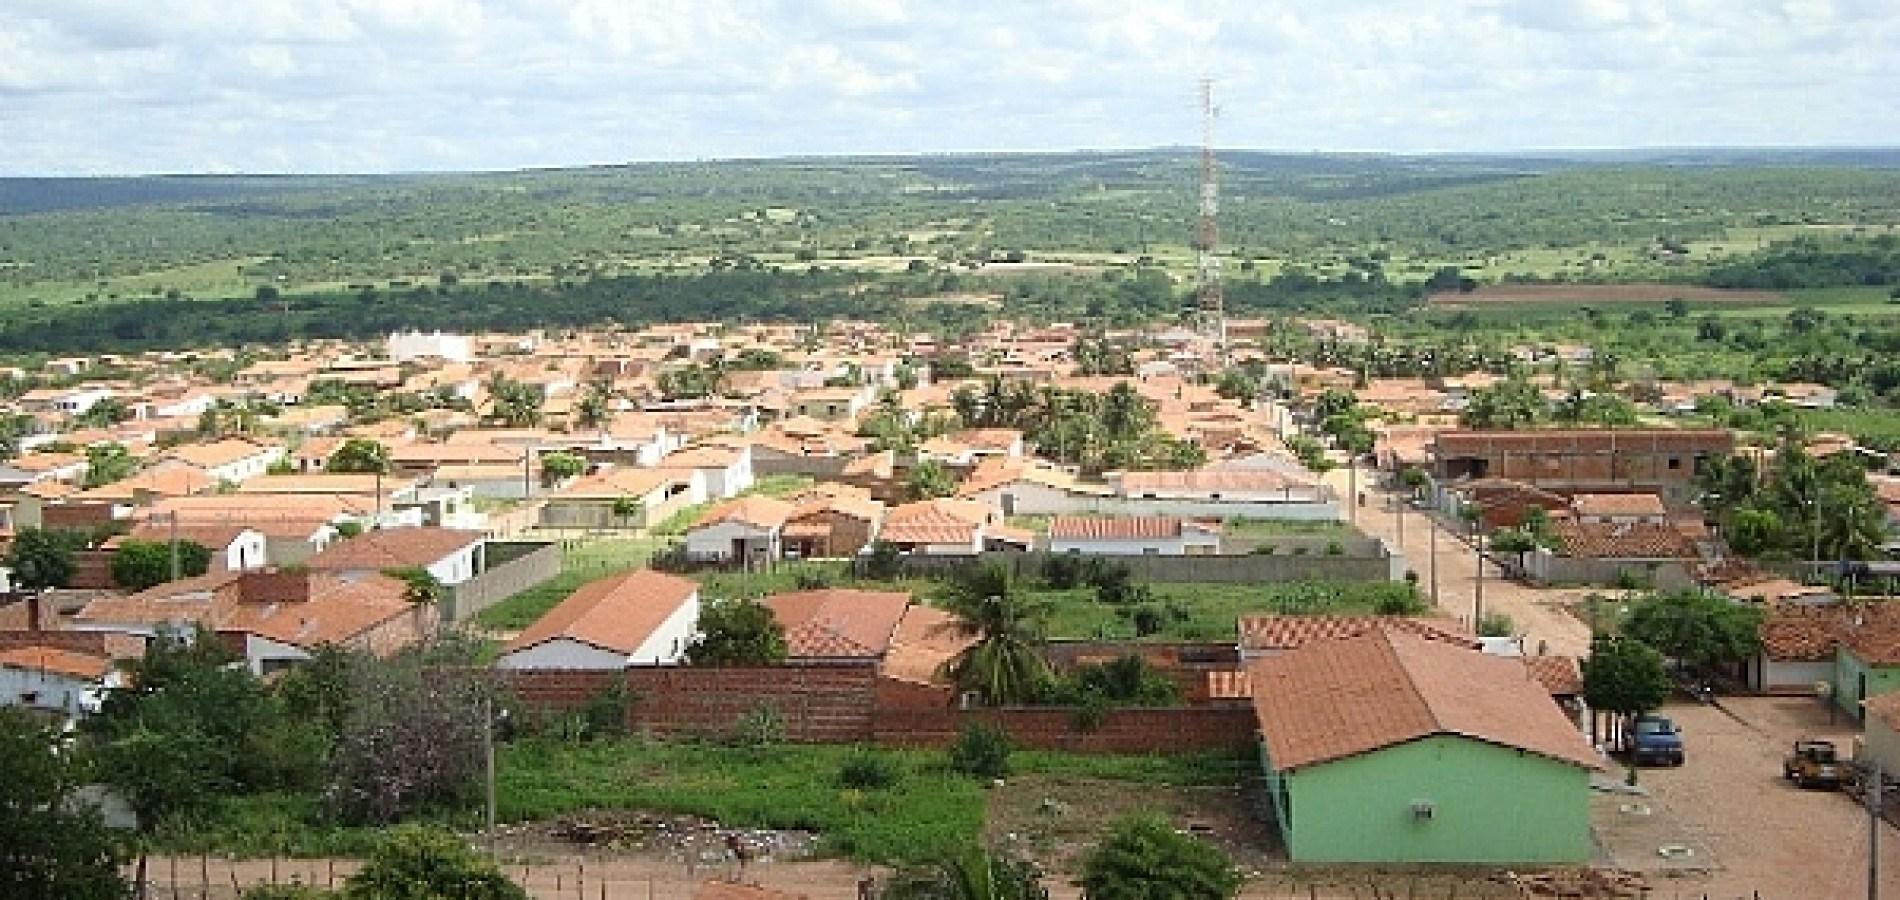 Polícia prende acusado de roubos em Alagoinha do Piauí